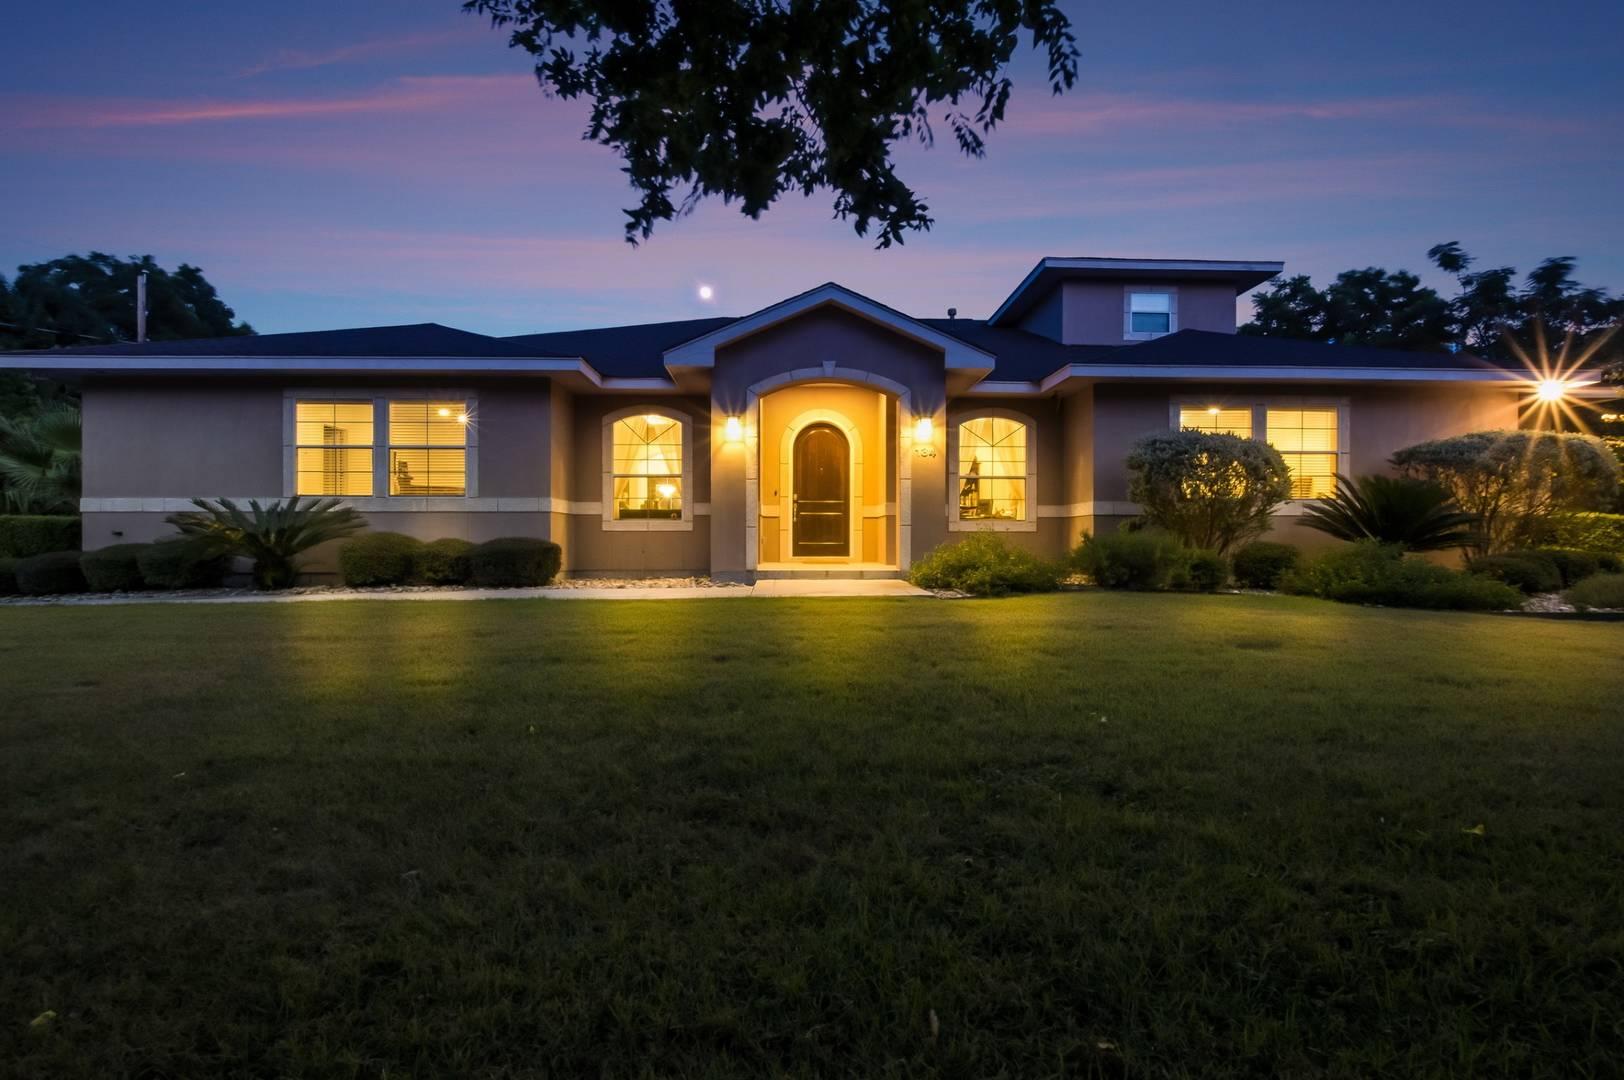 134 S Winston Ln  San Antonio, TX 78213